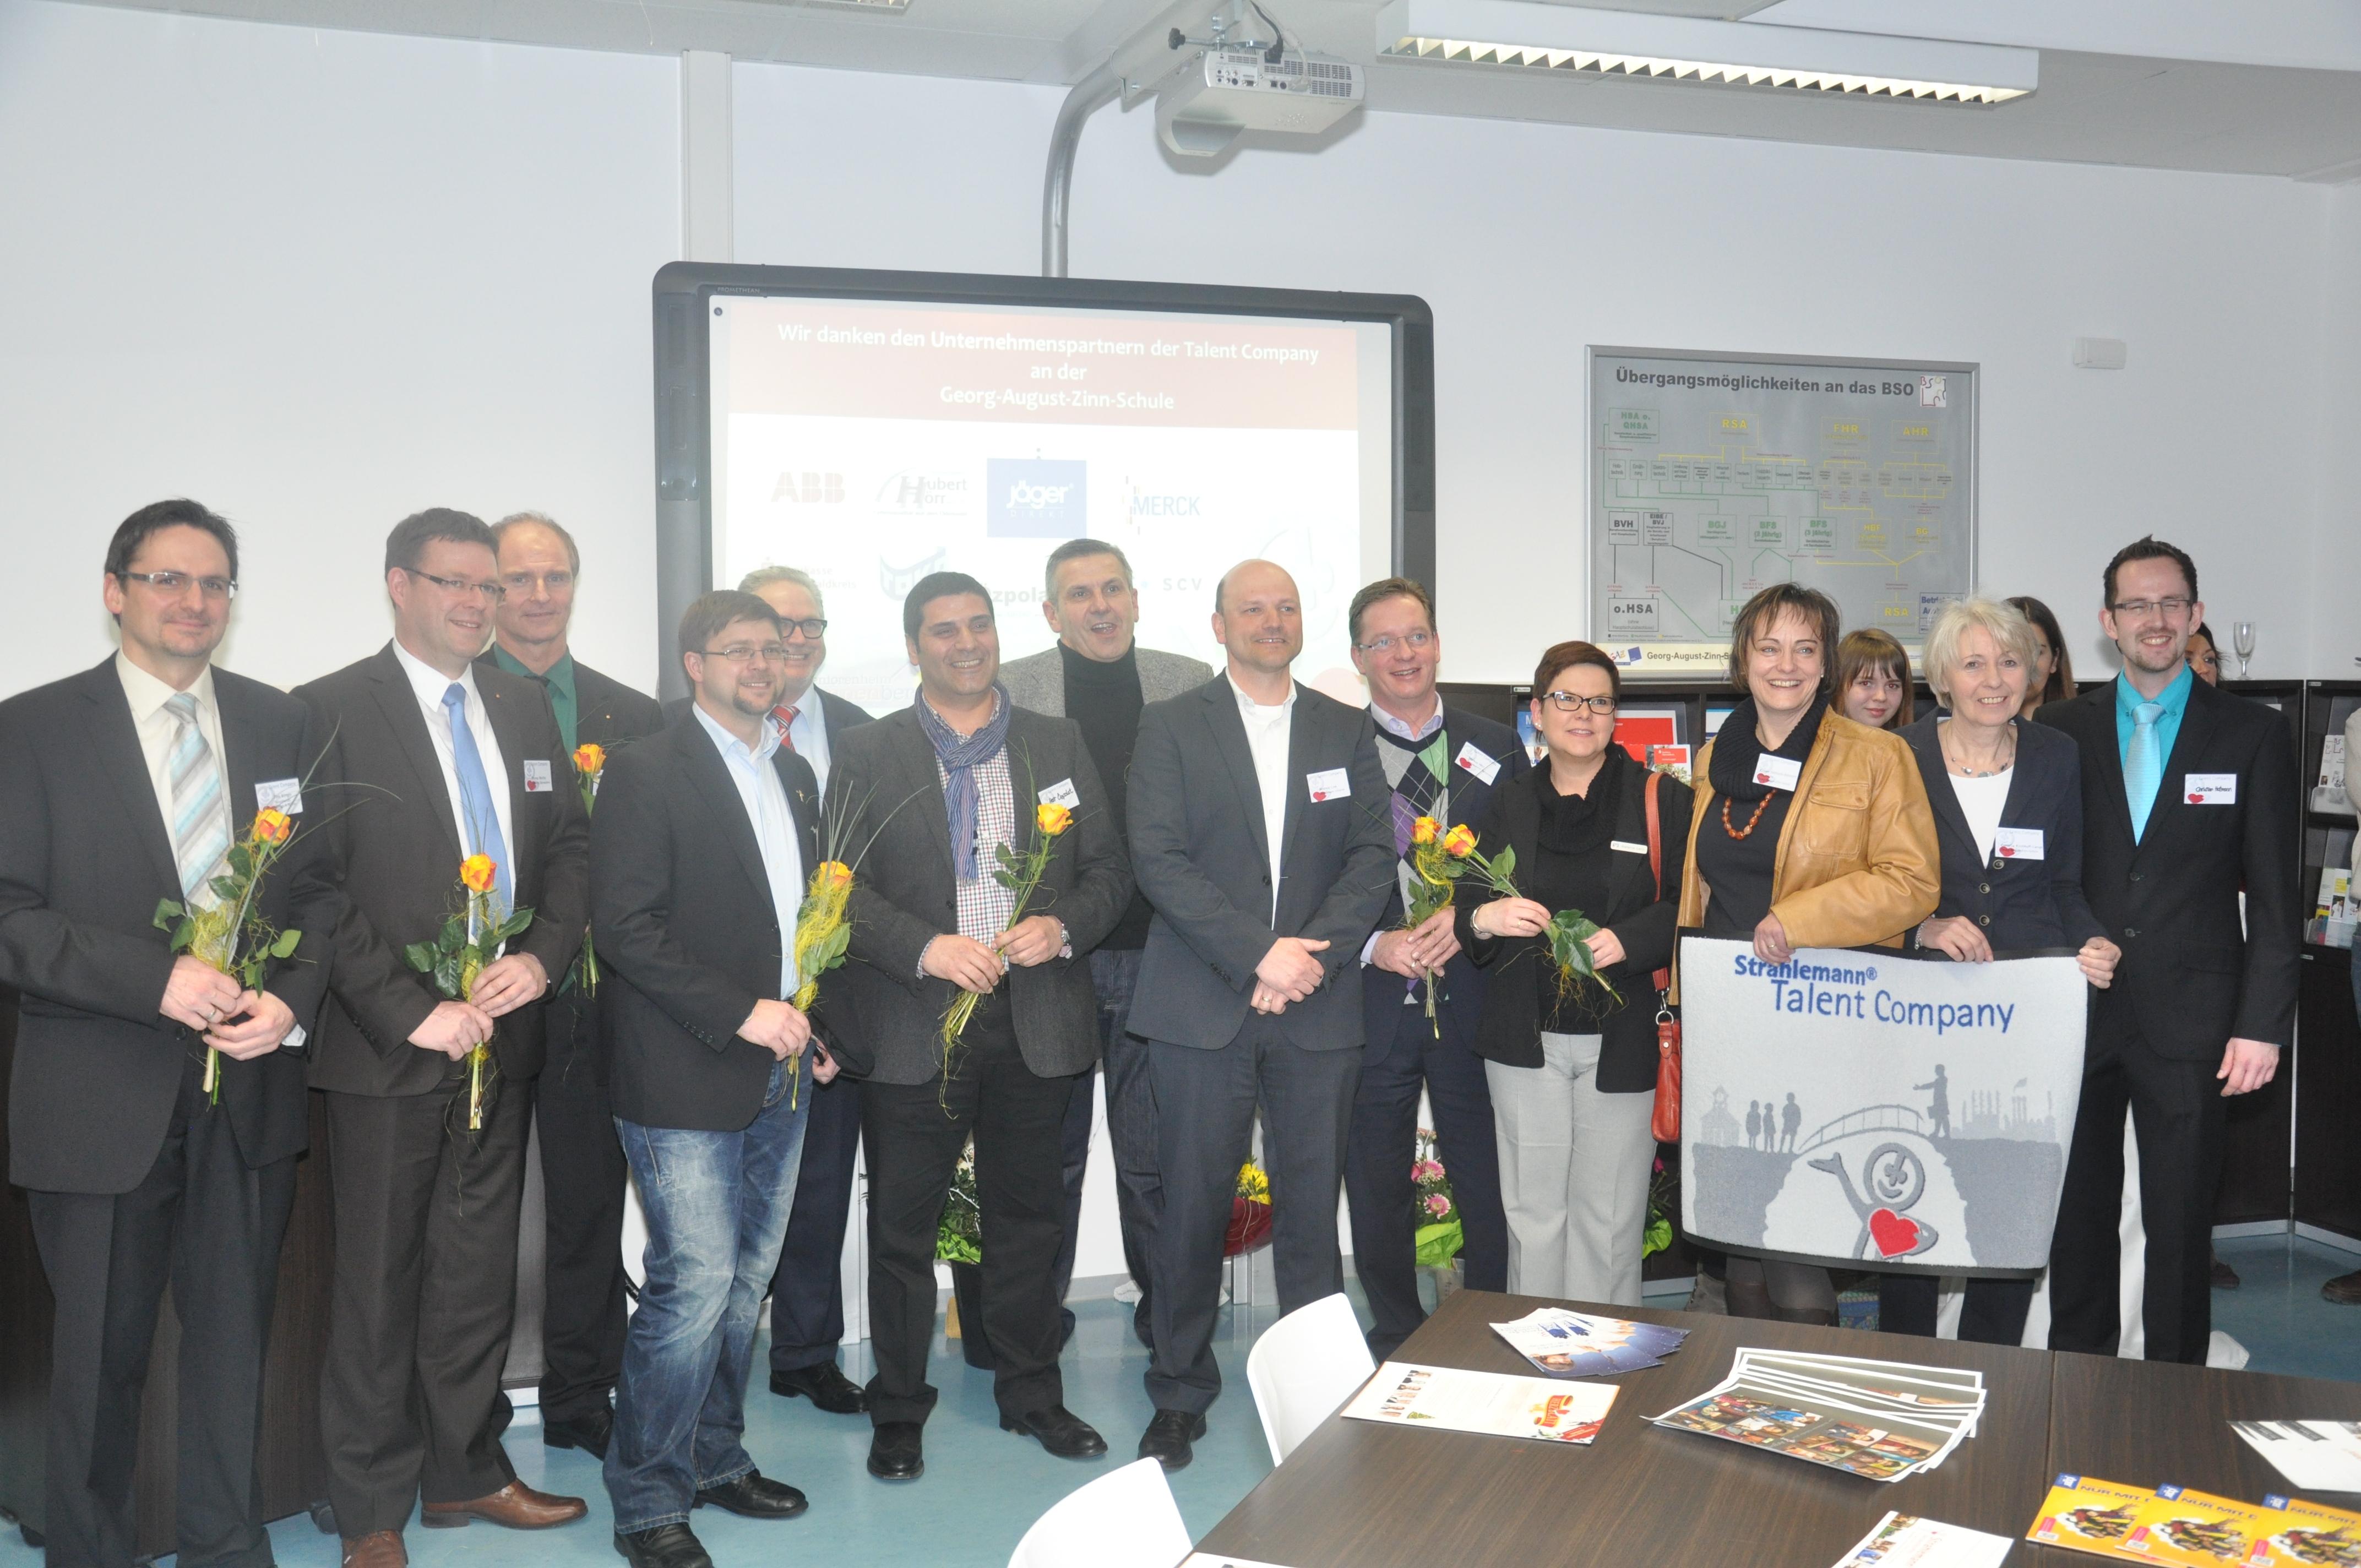 Eröffnung Strahlemann Talent Company an der GAZ in Reichelsheim